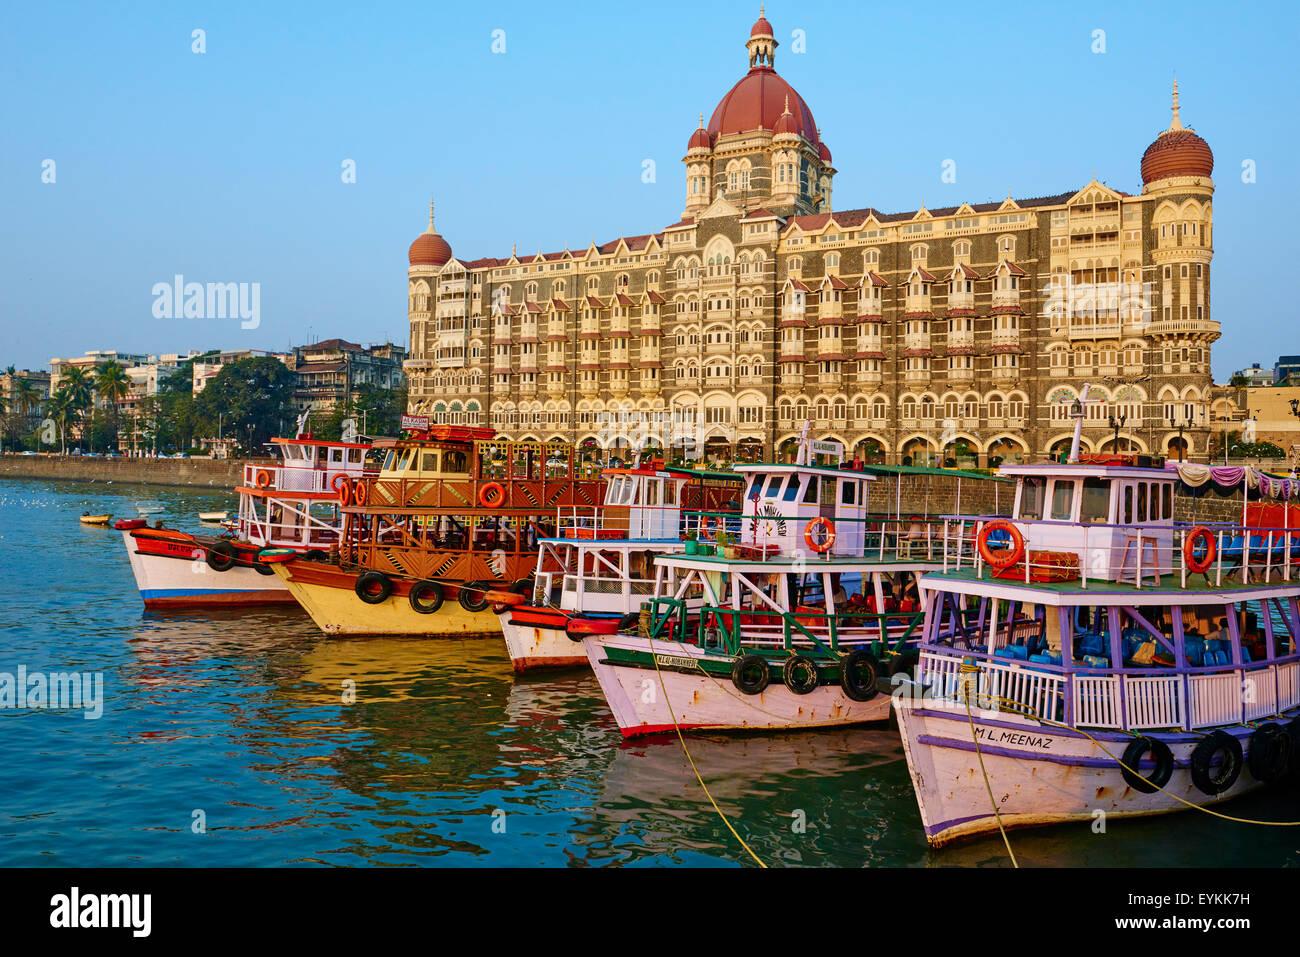 L'Inde, Maharashtra, Mumbai (Bombay), l'hôtel Taj Mahal Palace Photo Stock